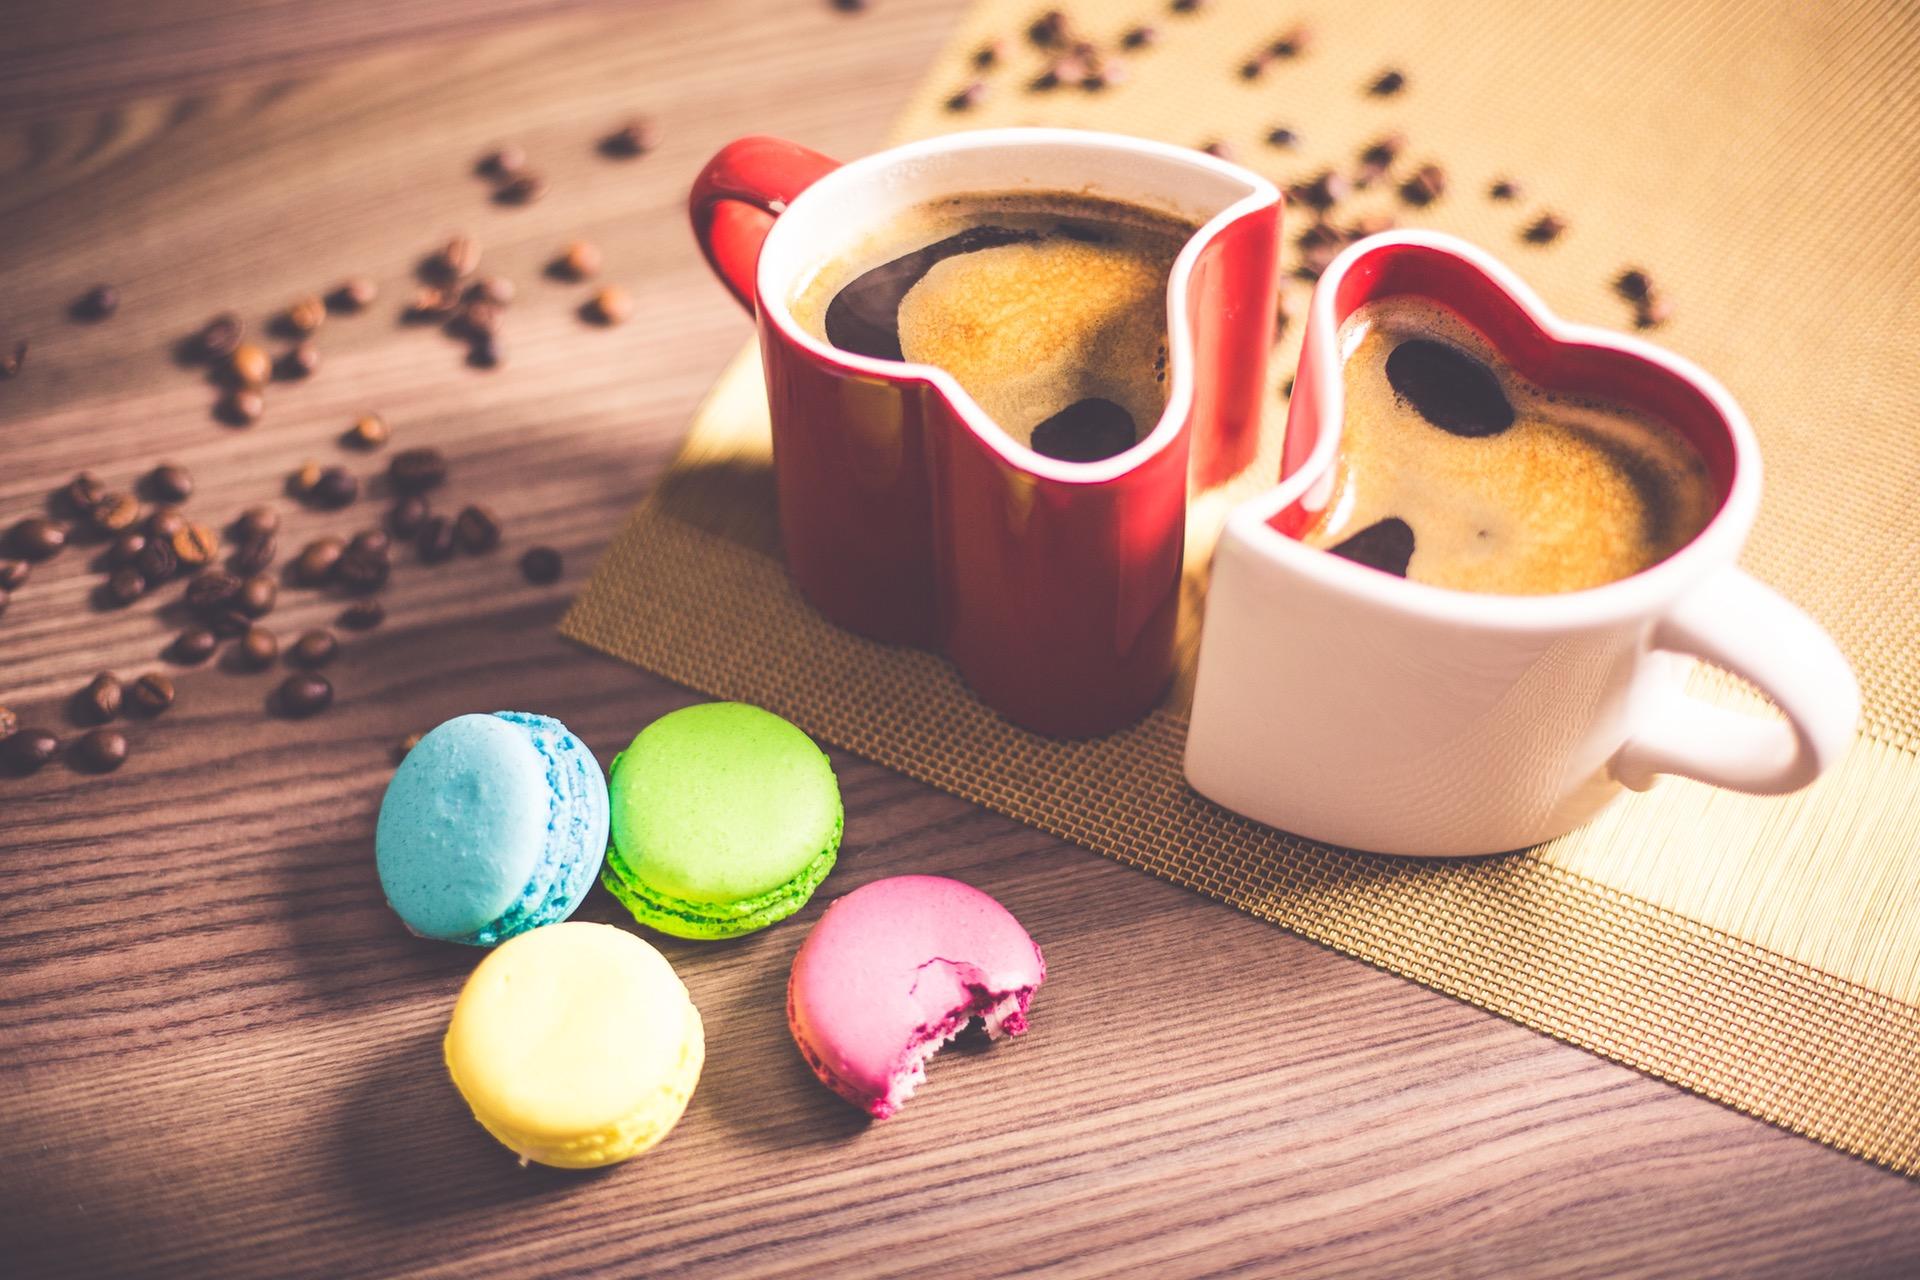 Hình ảnh hai cốc cà phê tình yêu dễ thương